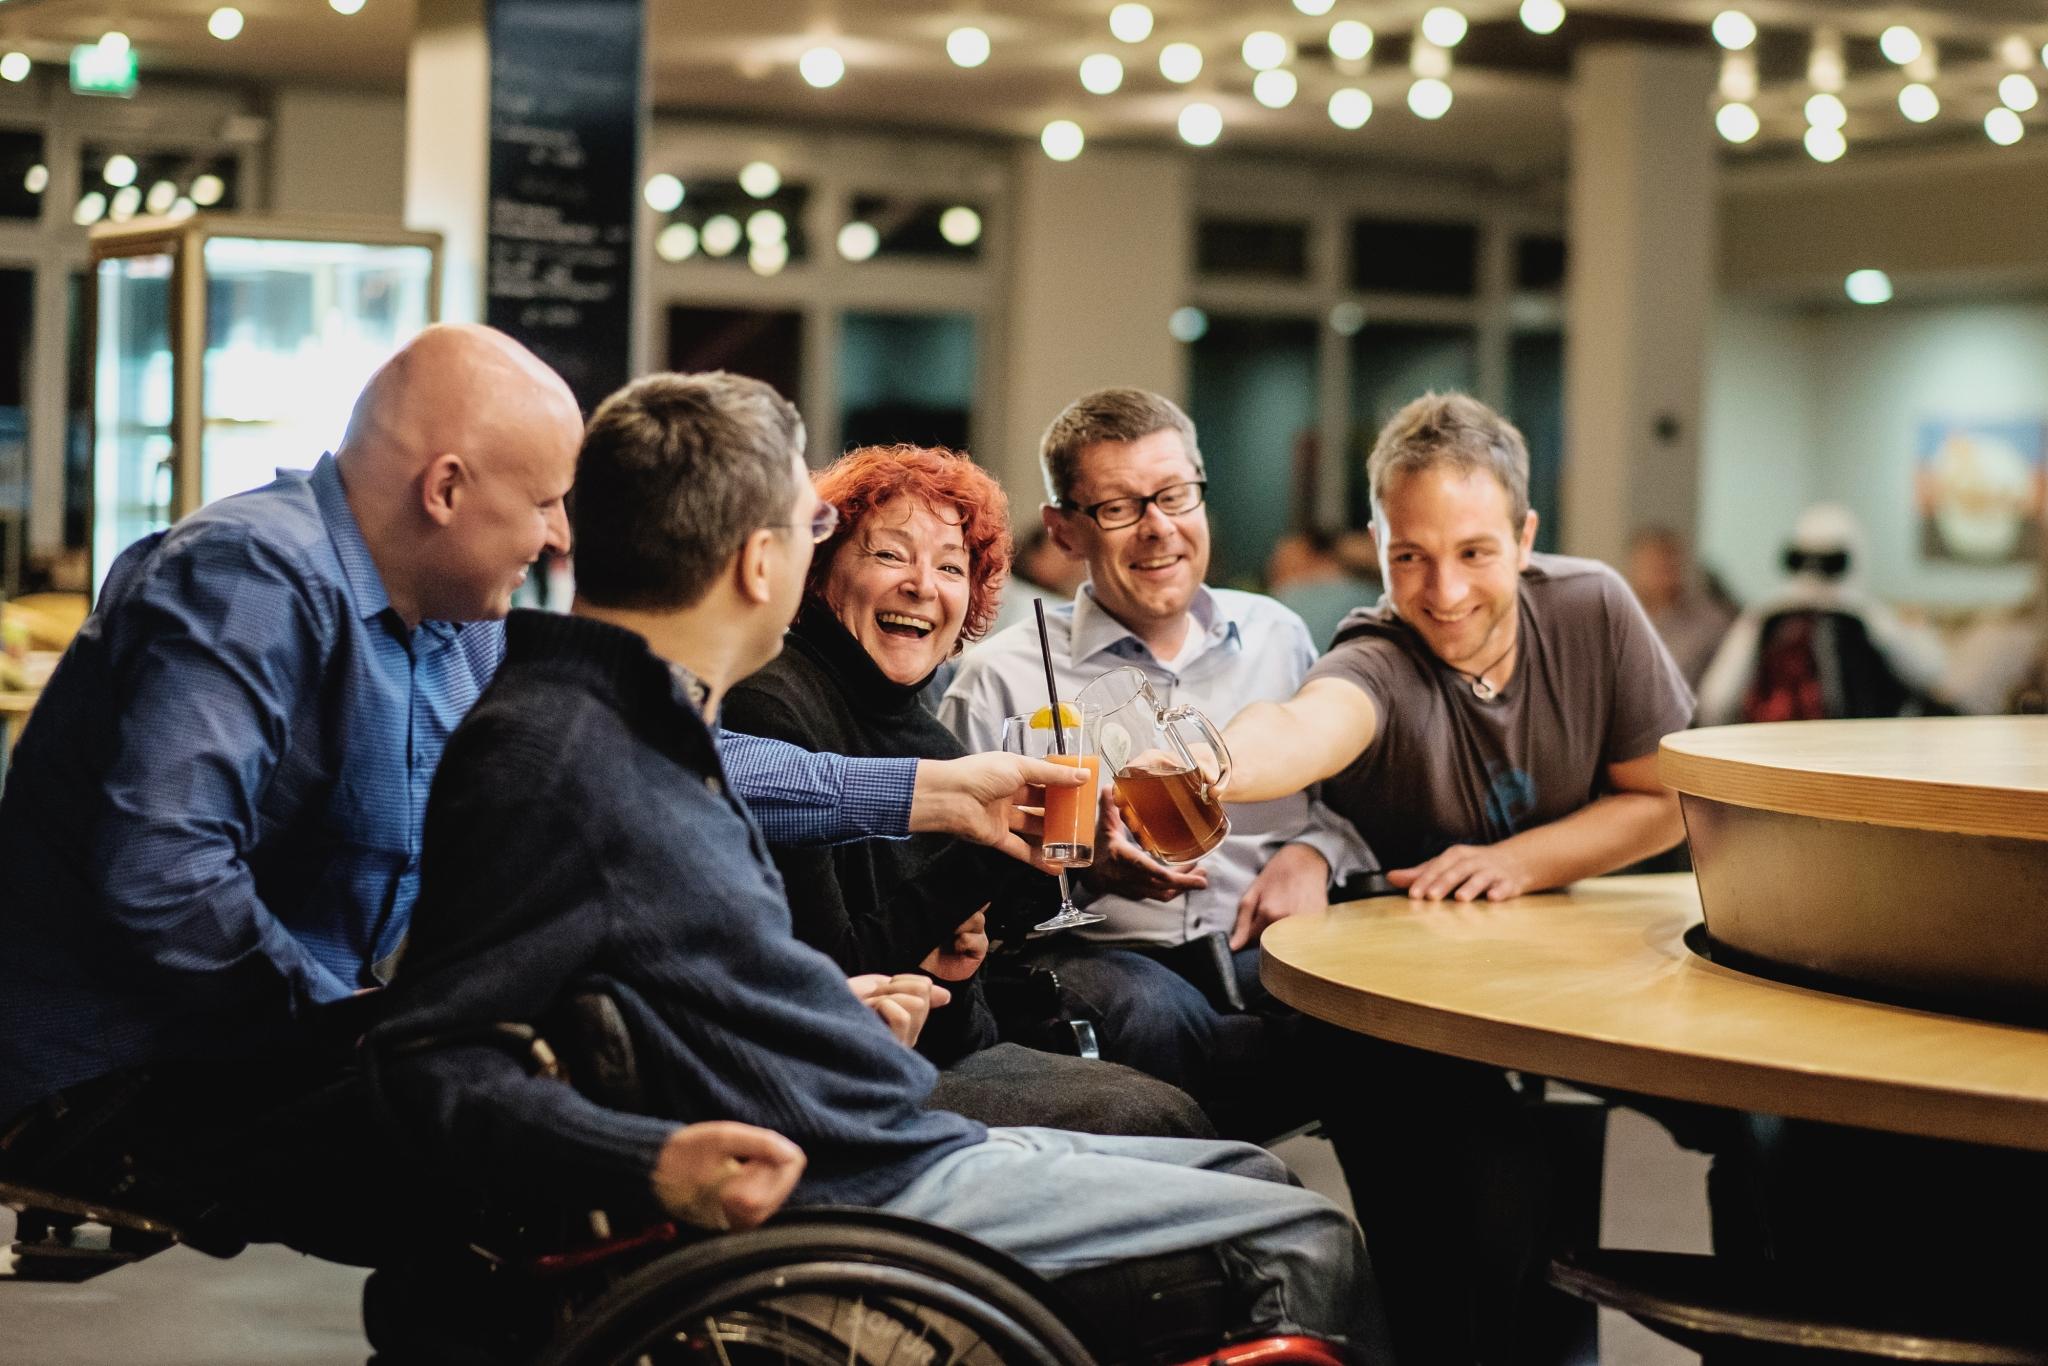 Eine Gruppe Menschen sitzt an einem Tisch und stößt mit Gläsern an.